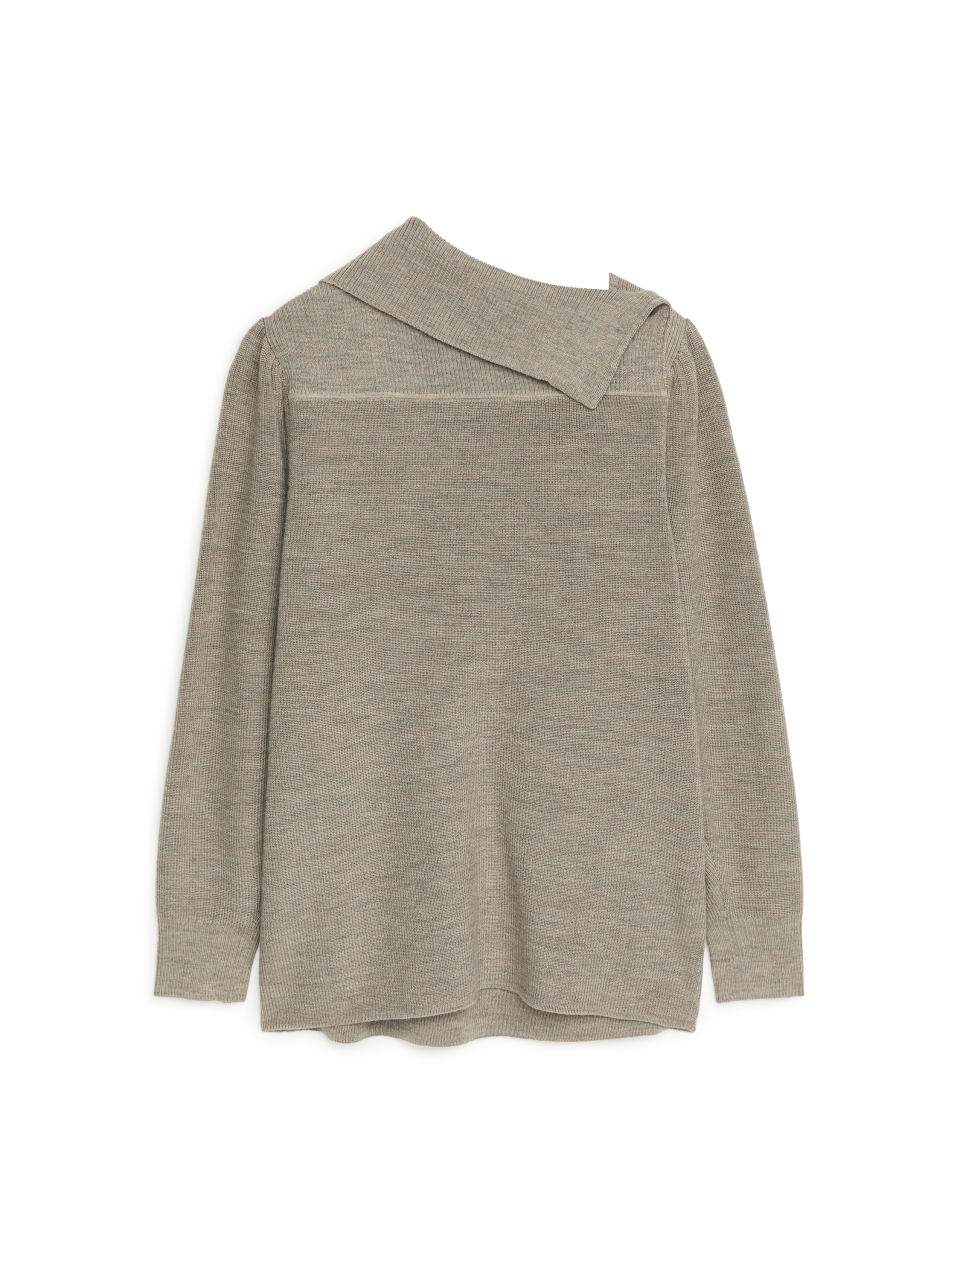 Cotton Wool Jumper - Beige